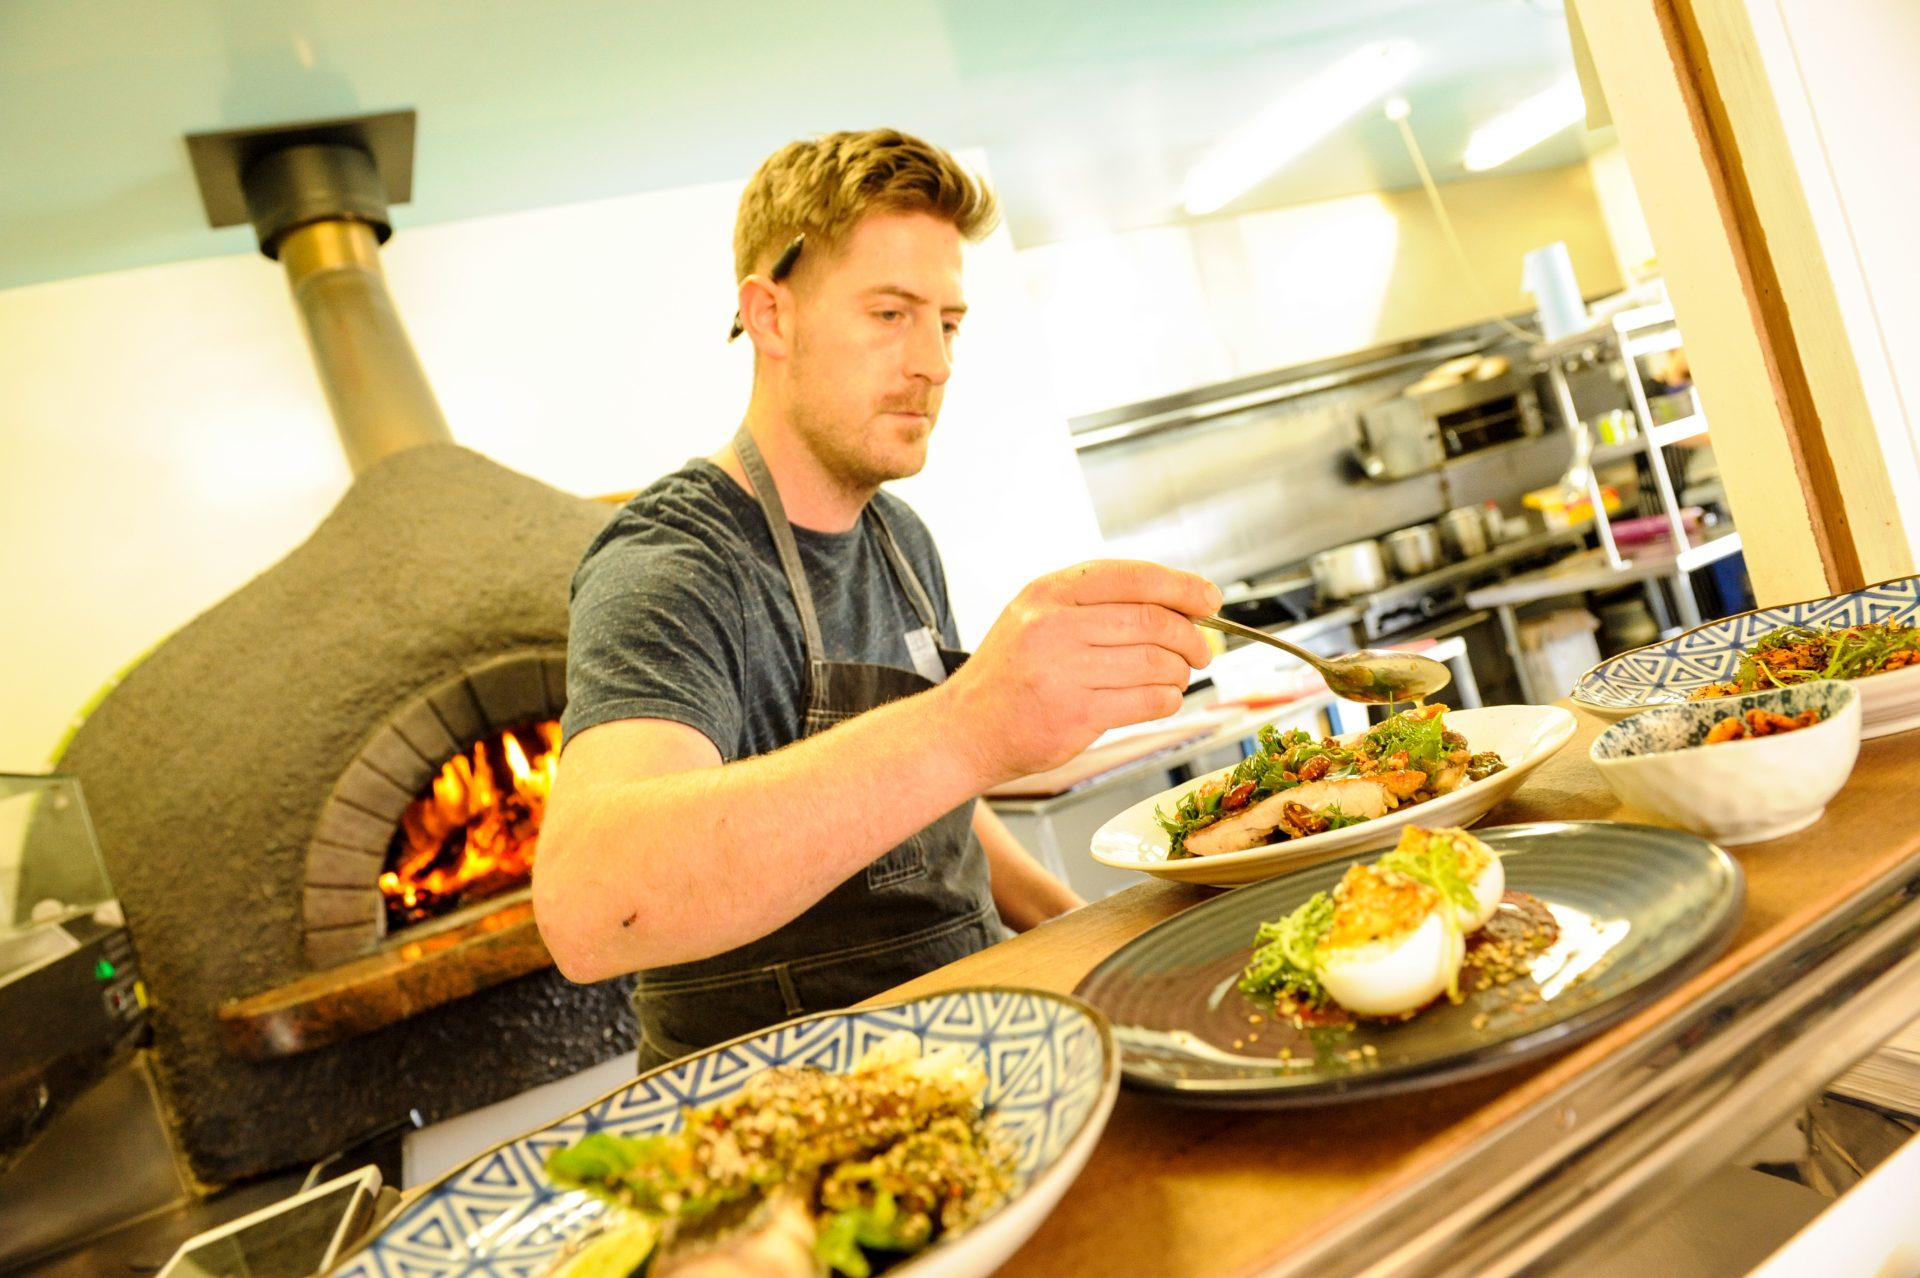 Chef Profile Image 2